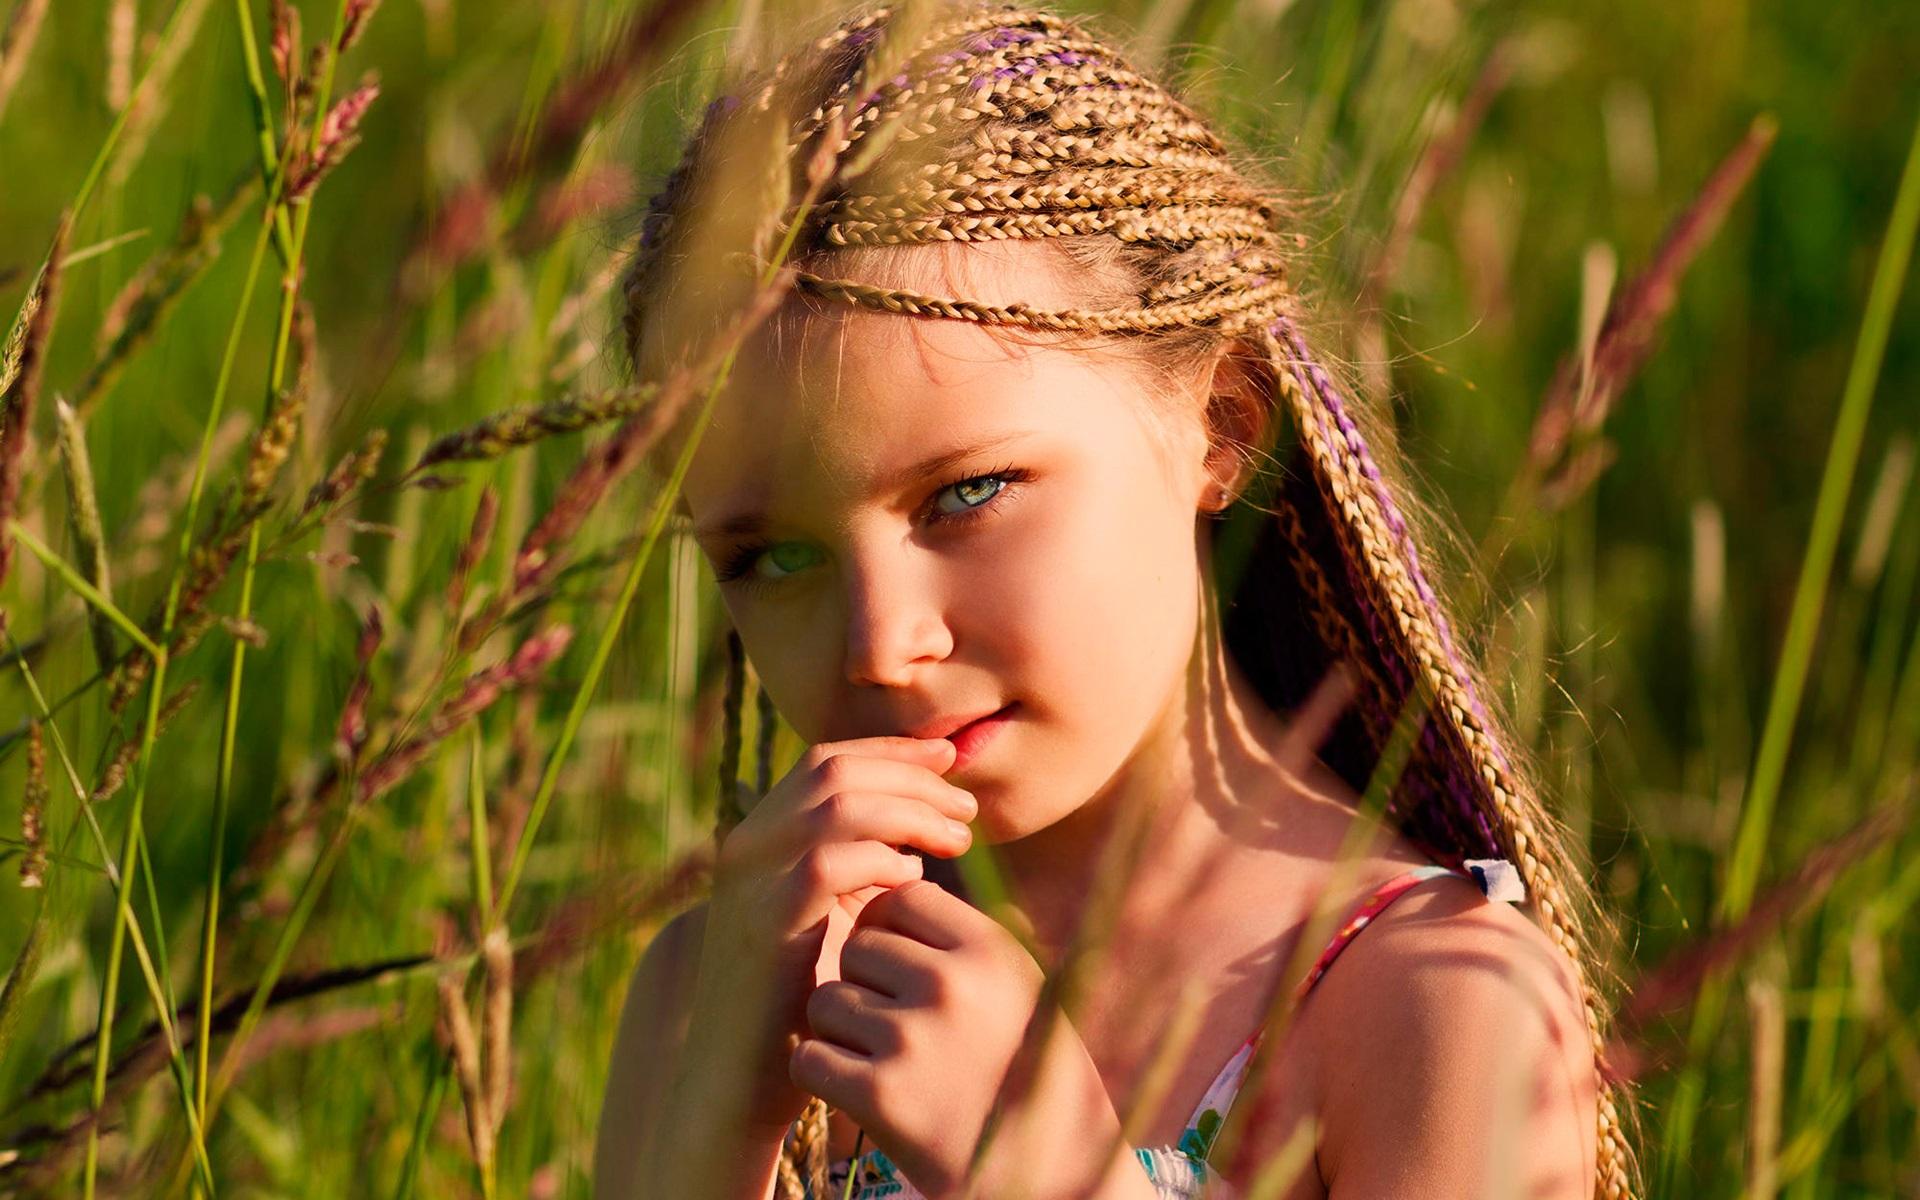 Zedge Wallpapers Cute Girl Little Girl Pigtails Summer Sun Wallpaper Cute